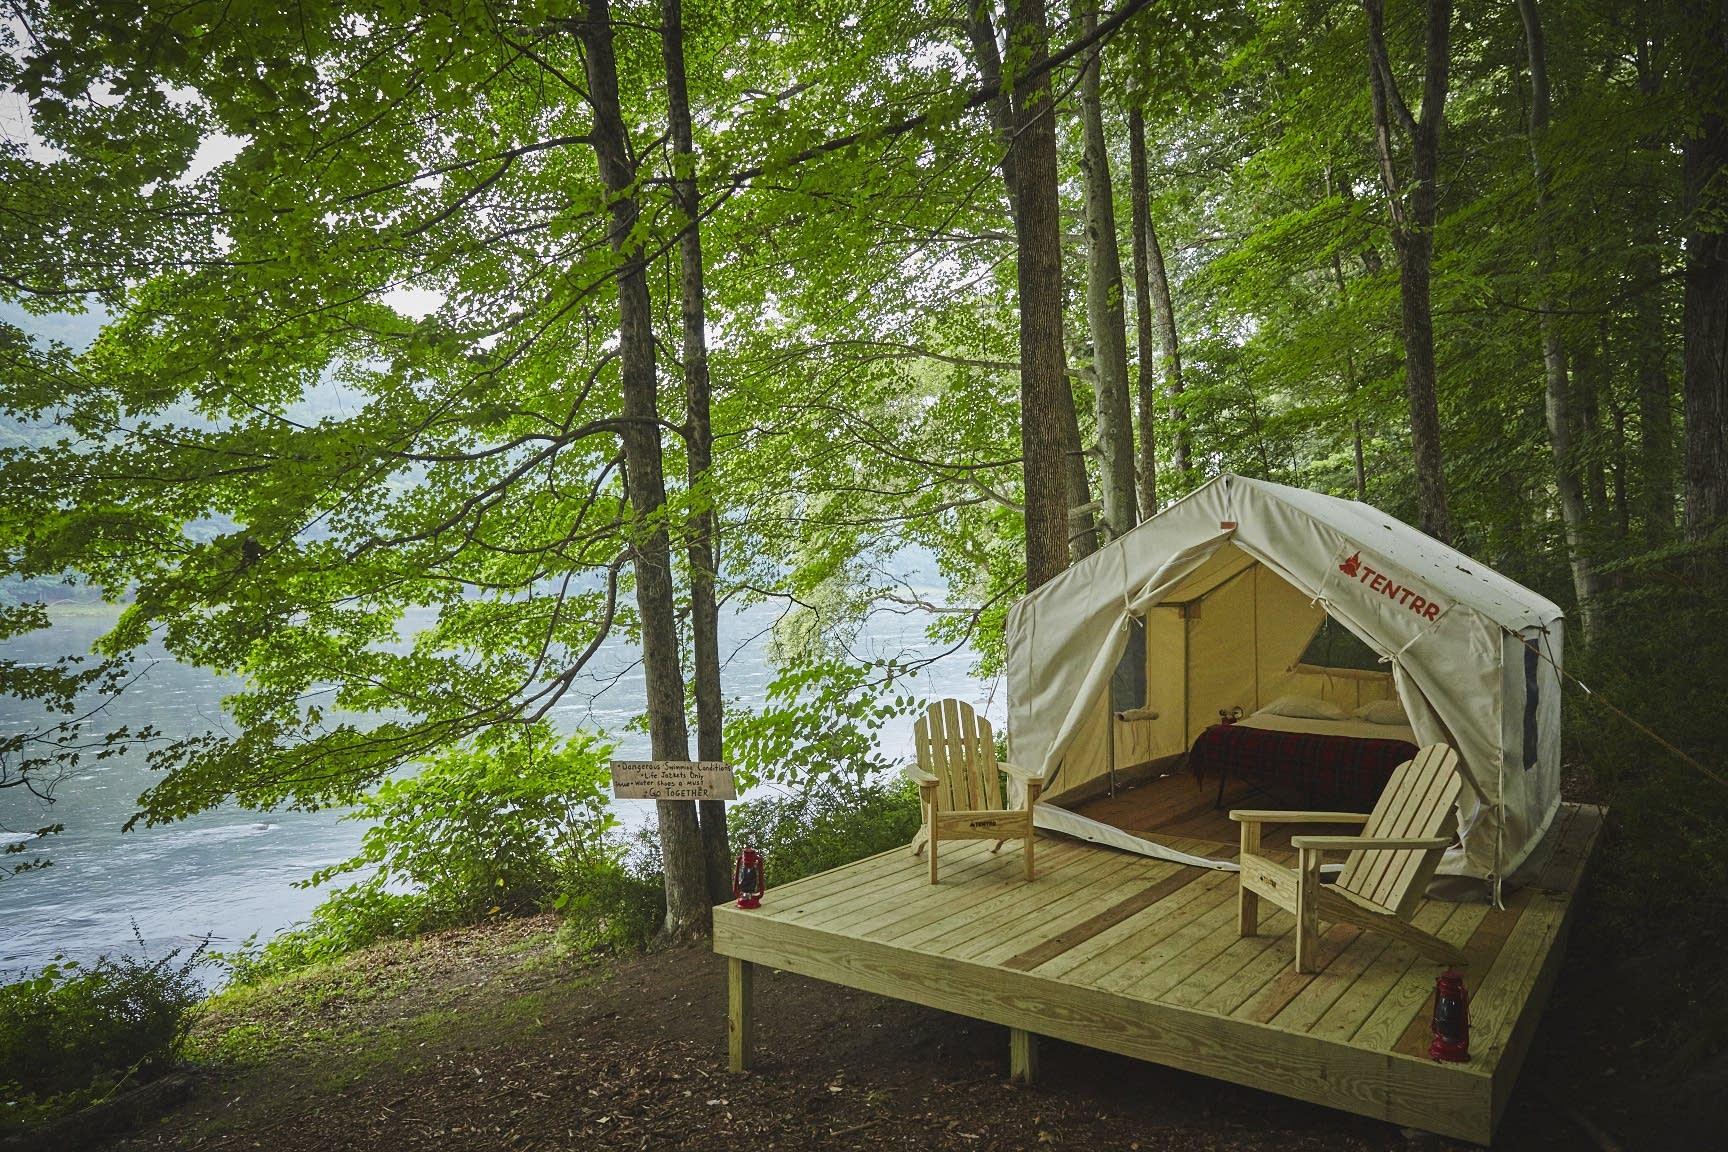 A Tentrr campsite.